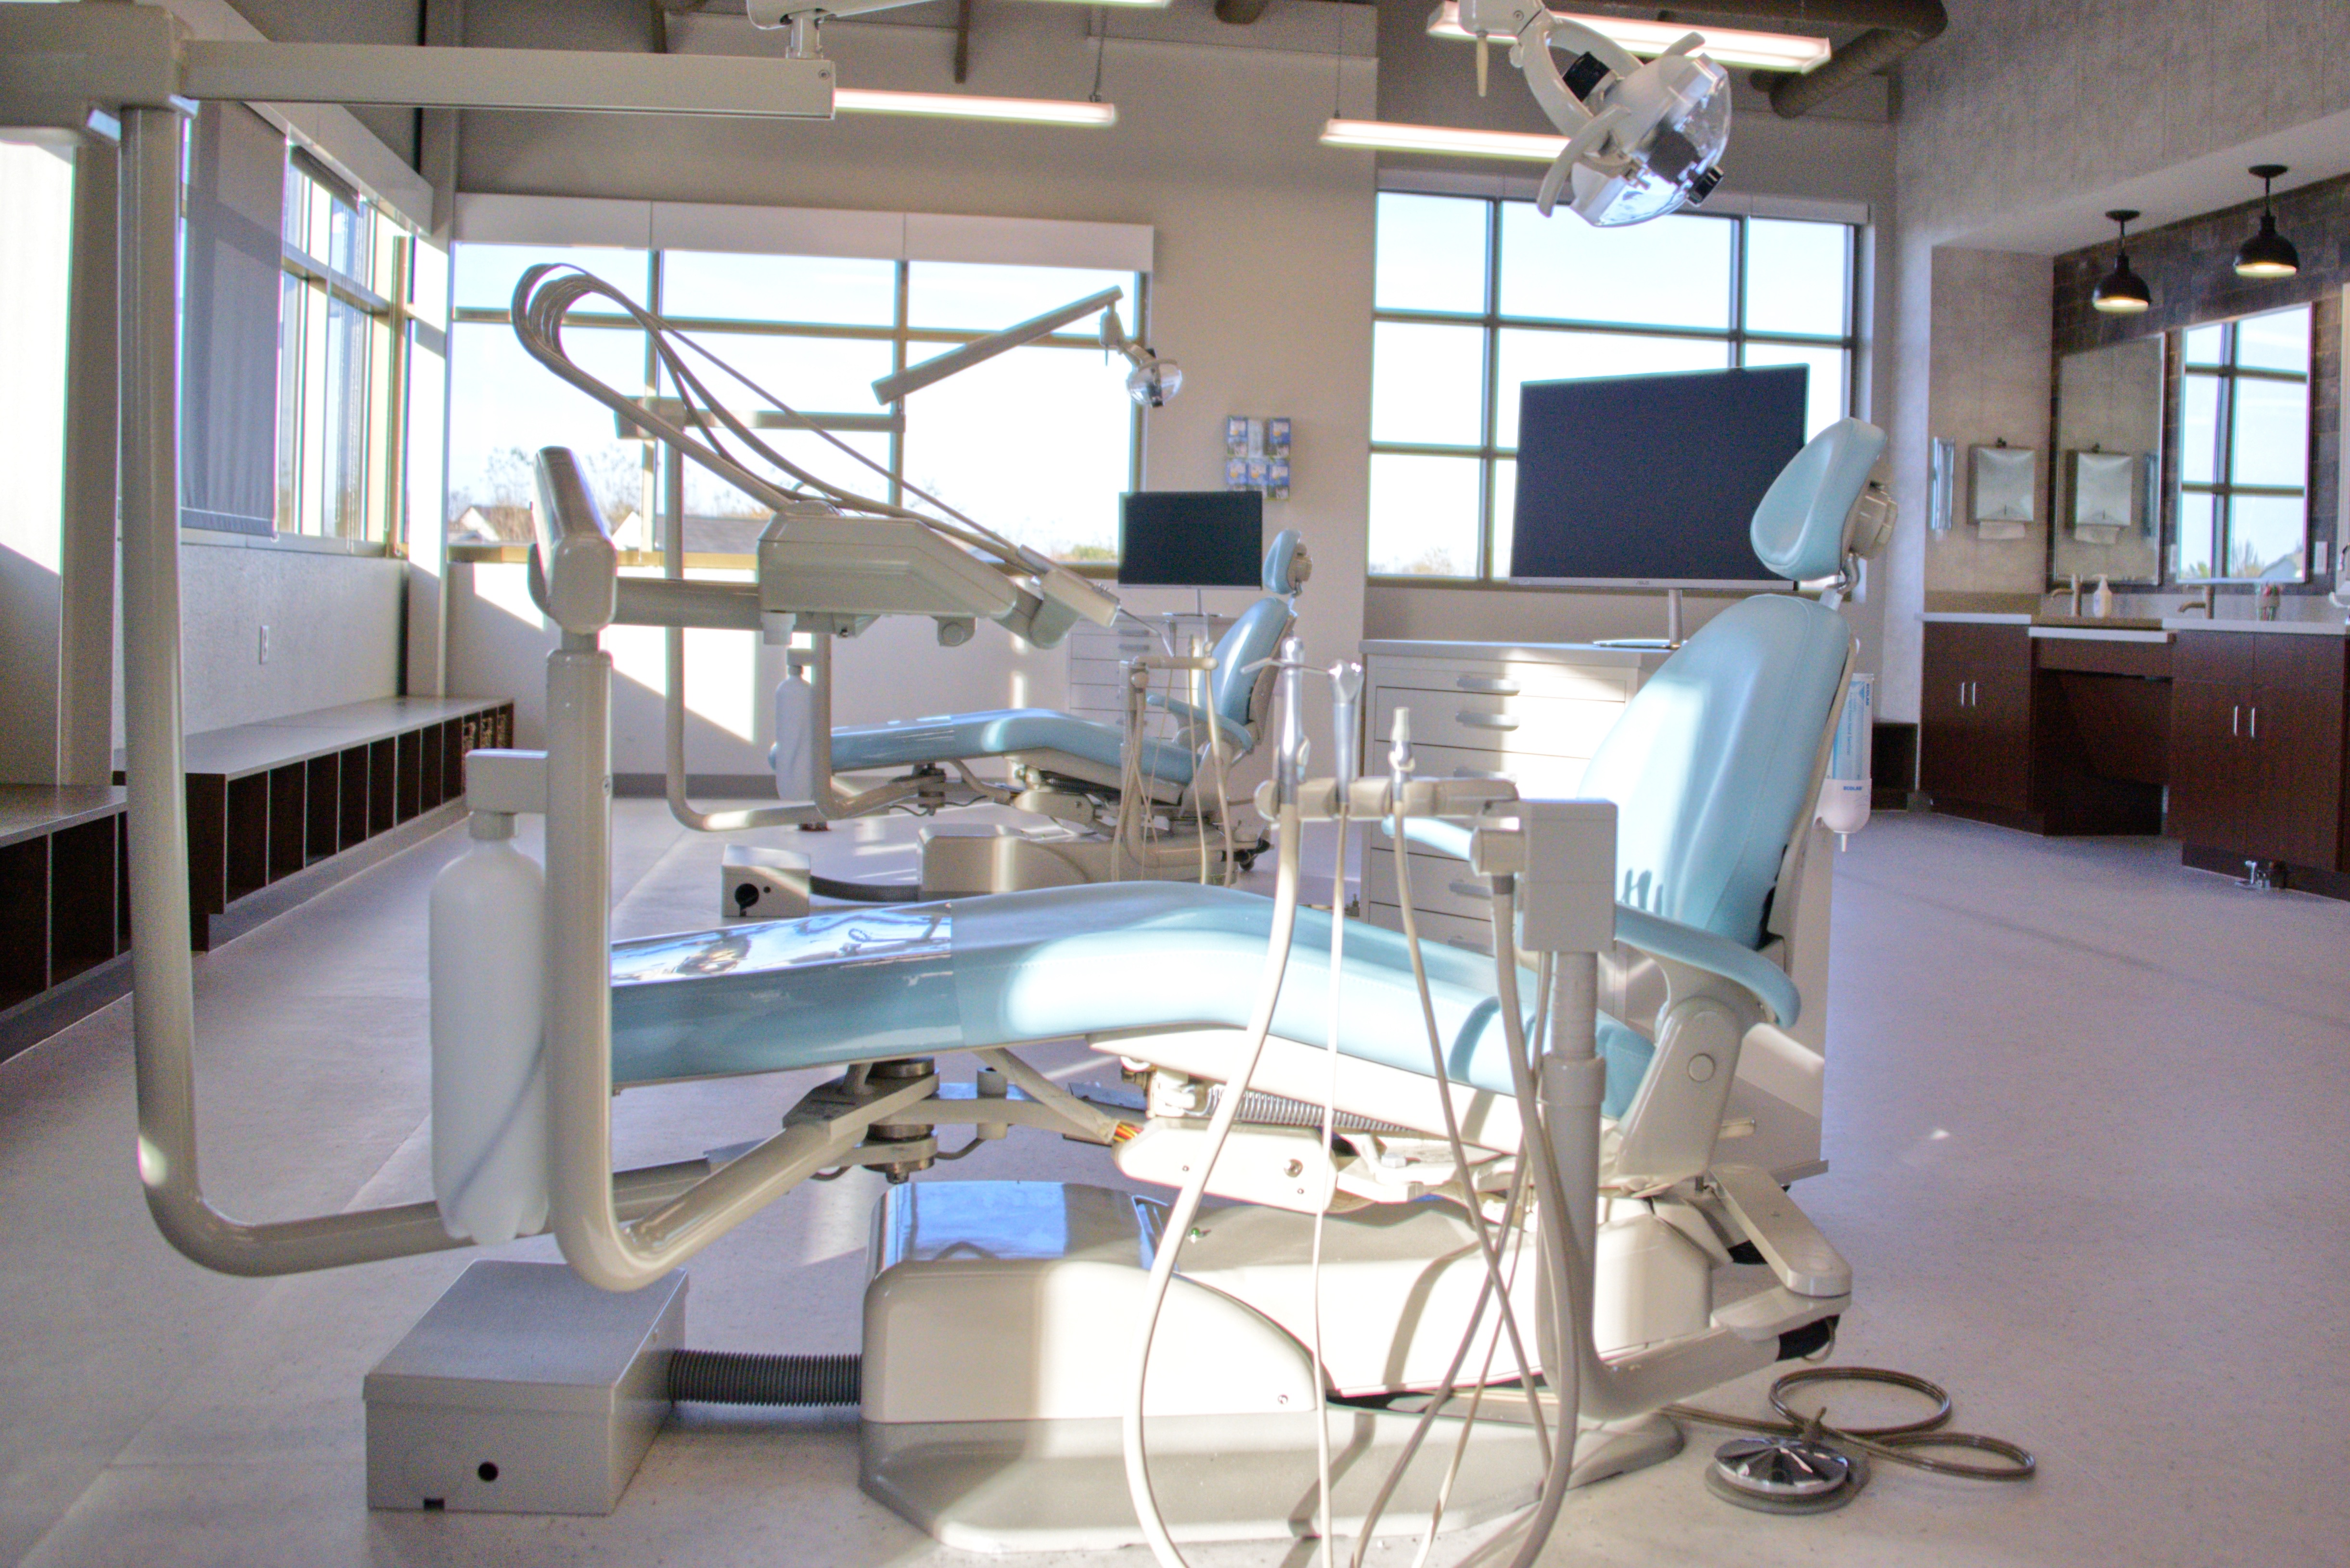 Treatment chair